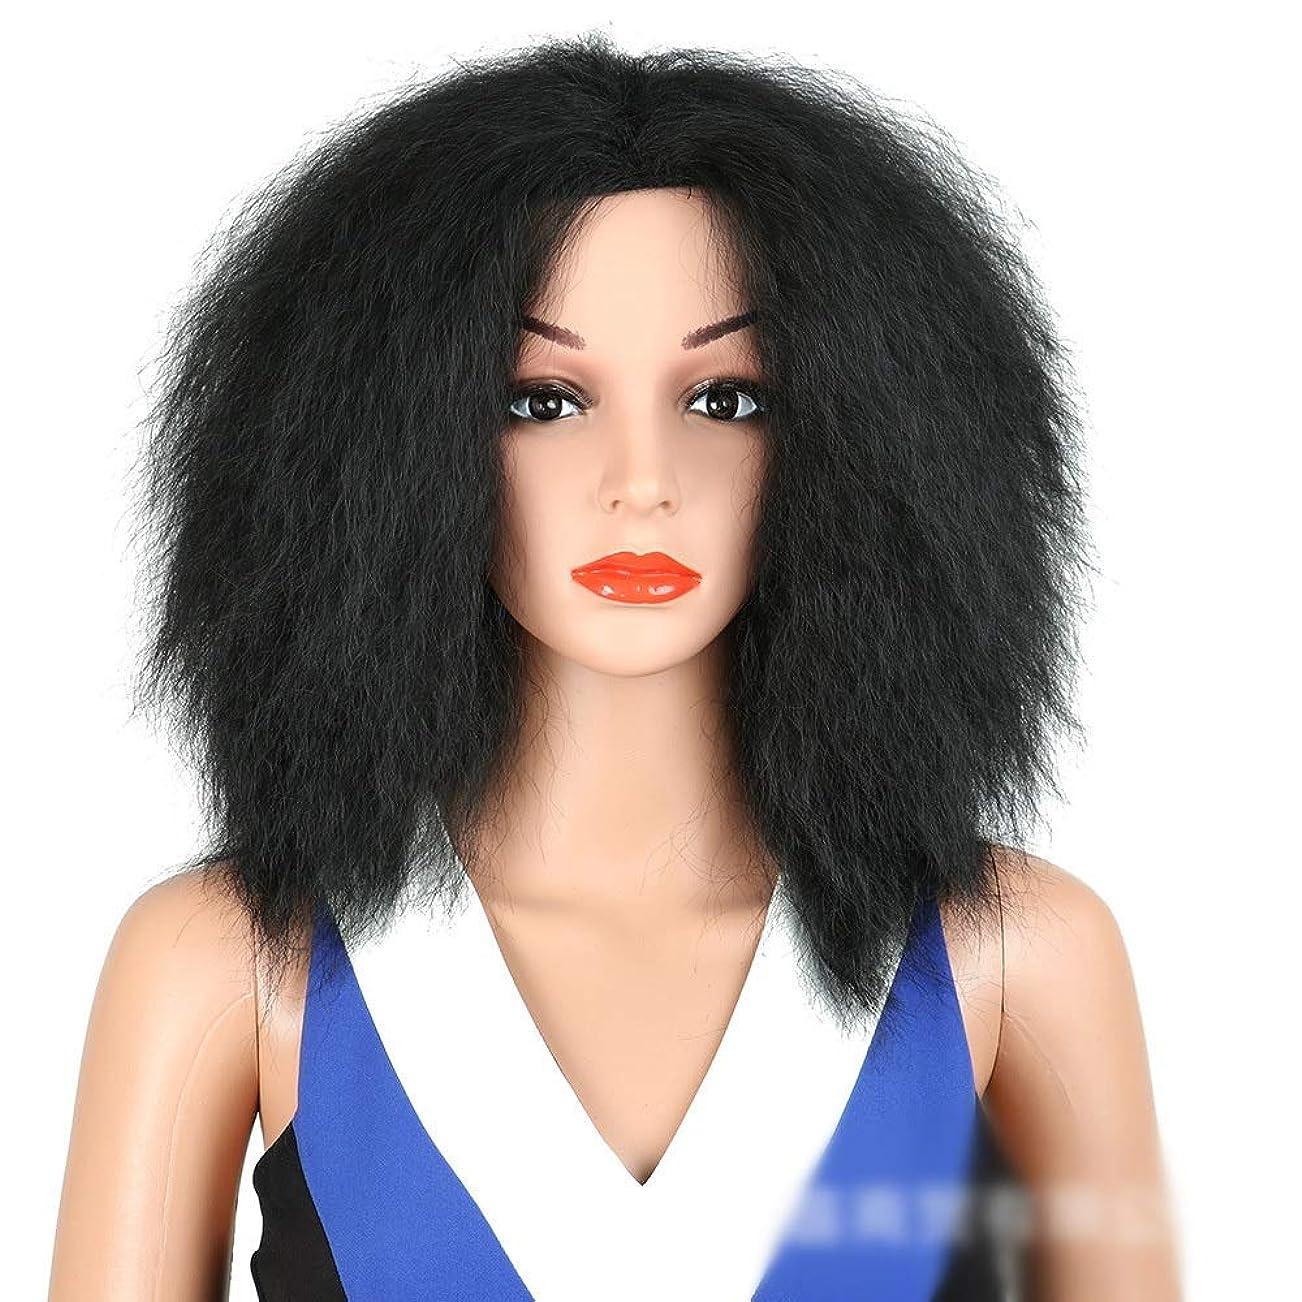 情緒的植物の含むBOBIDYEE アフロ変態ストレートヘアブラック耐熱合成髪ミドルパートふわふわウィッグ用女性パーティーウィッグ (色 : 黒)